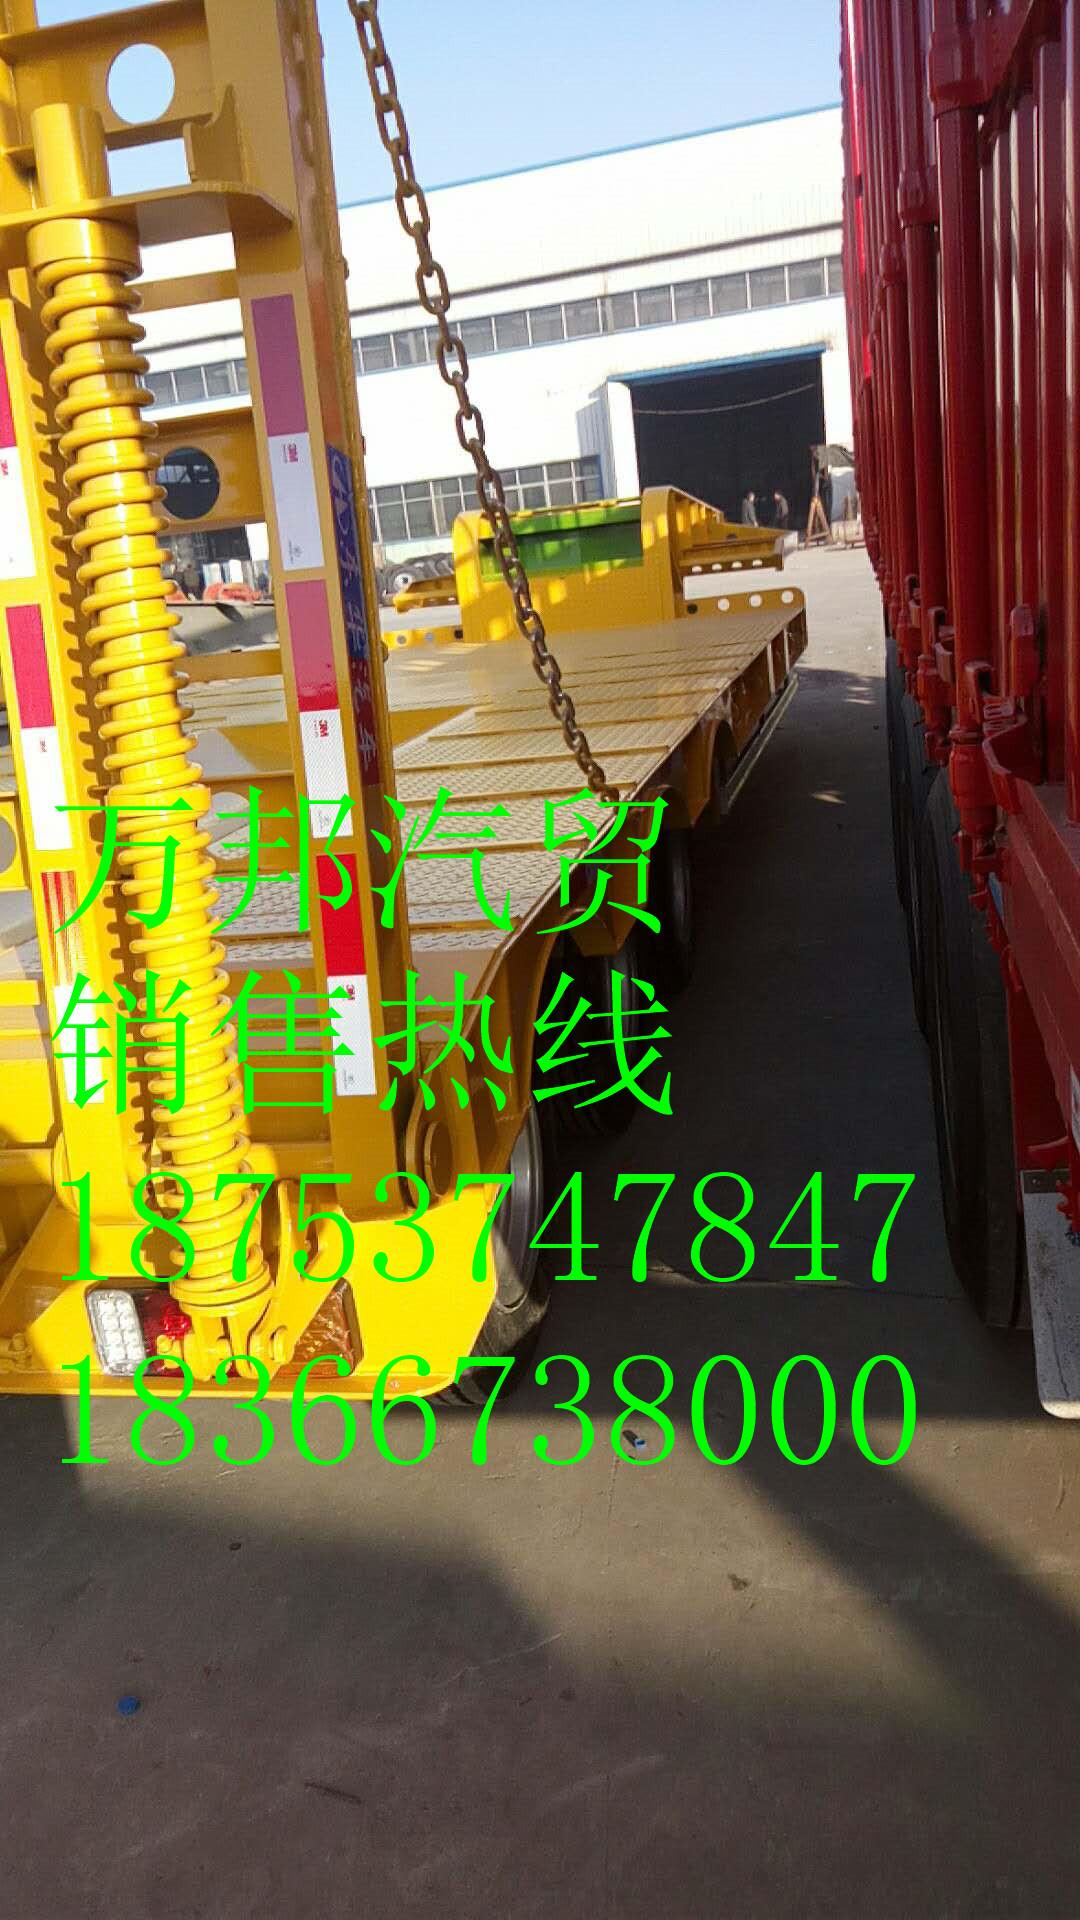 贵州遵义钩机板半挂车厂家供应